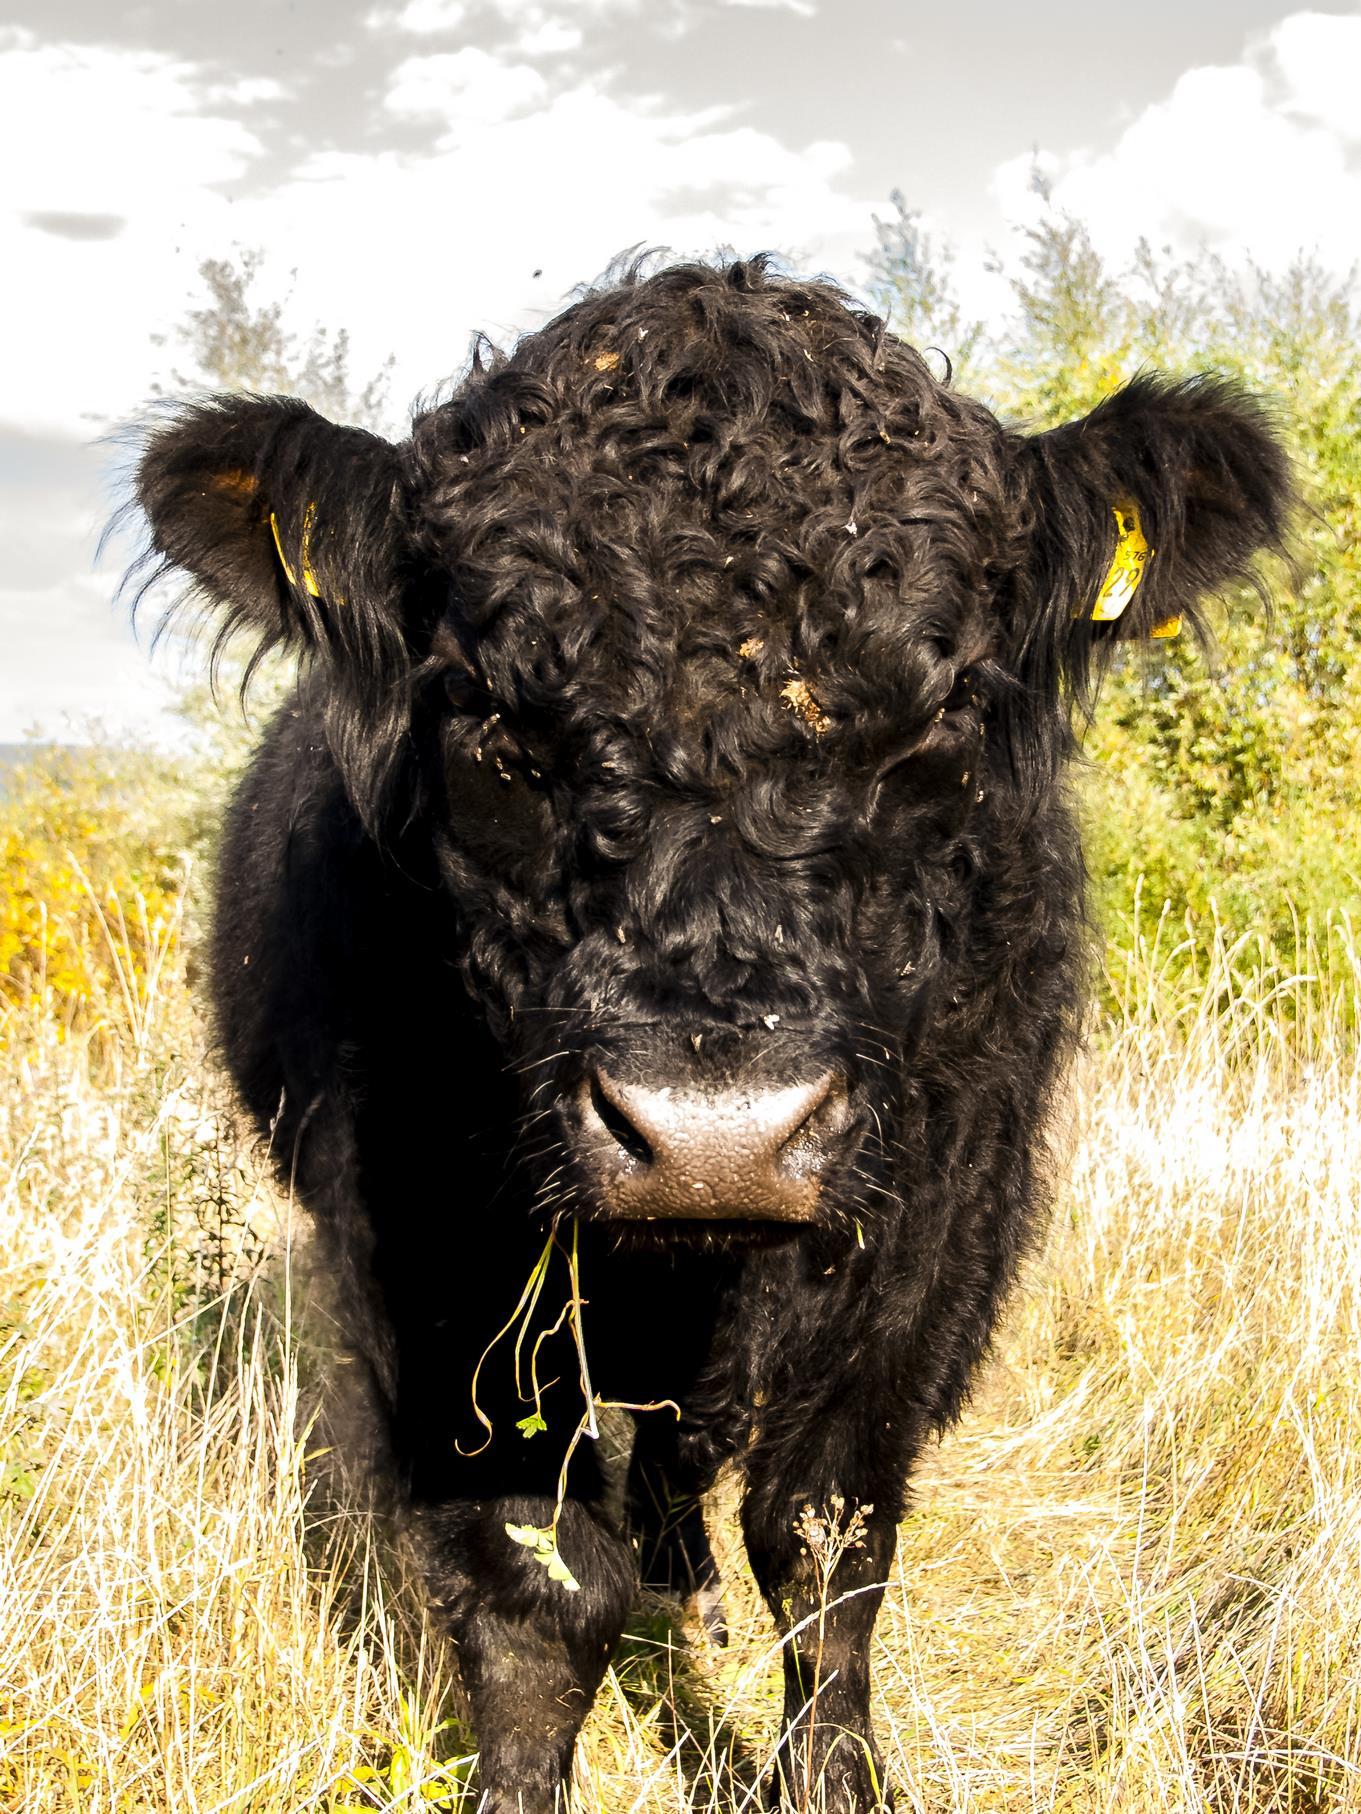 Dieses Galloway-Rind hat sich gerade das Gras schmecken lassen.